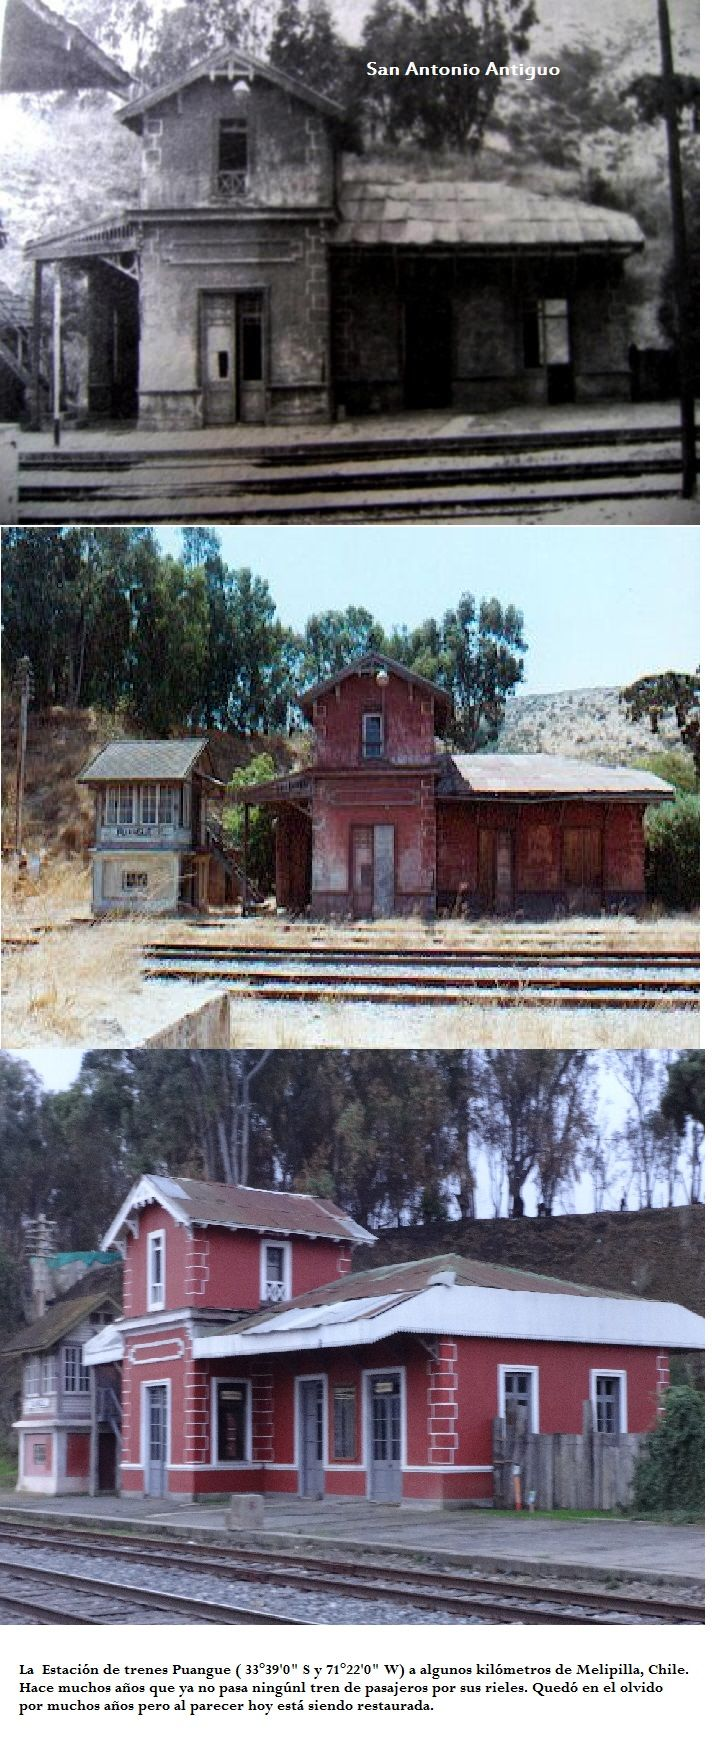 Estación de trenes Puangue (33°39'0'' y 71°22'0'' W) está a algunos kilómetros de Melipilla, Chile. Hace muchos años que ya no pasa ningún tren de pasajeros por sus rieles. Quedó en el olvido por muchos años, pero al parecer, hoy está siendo restaurada.